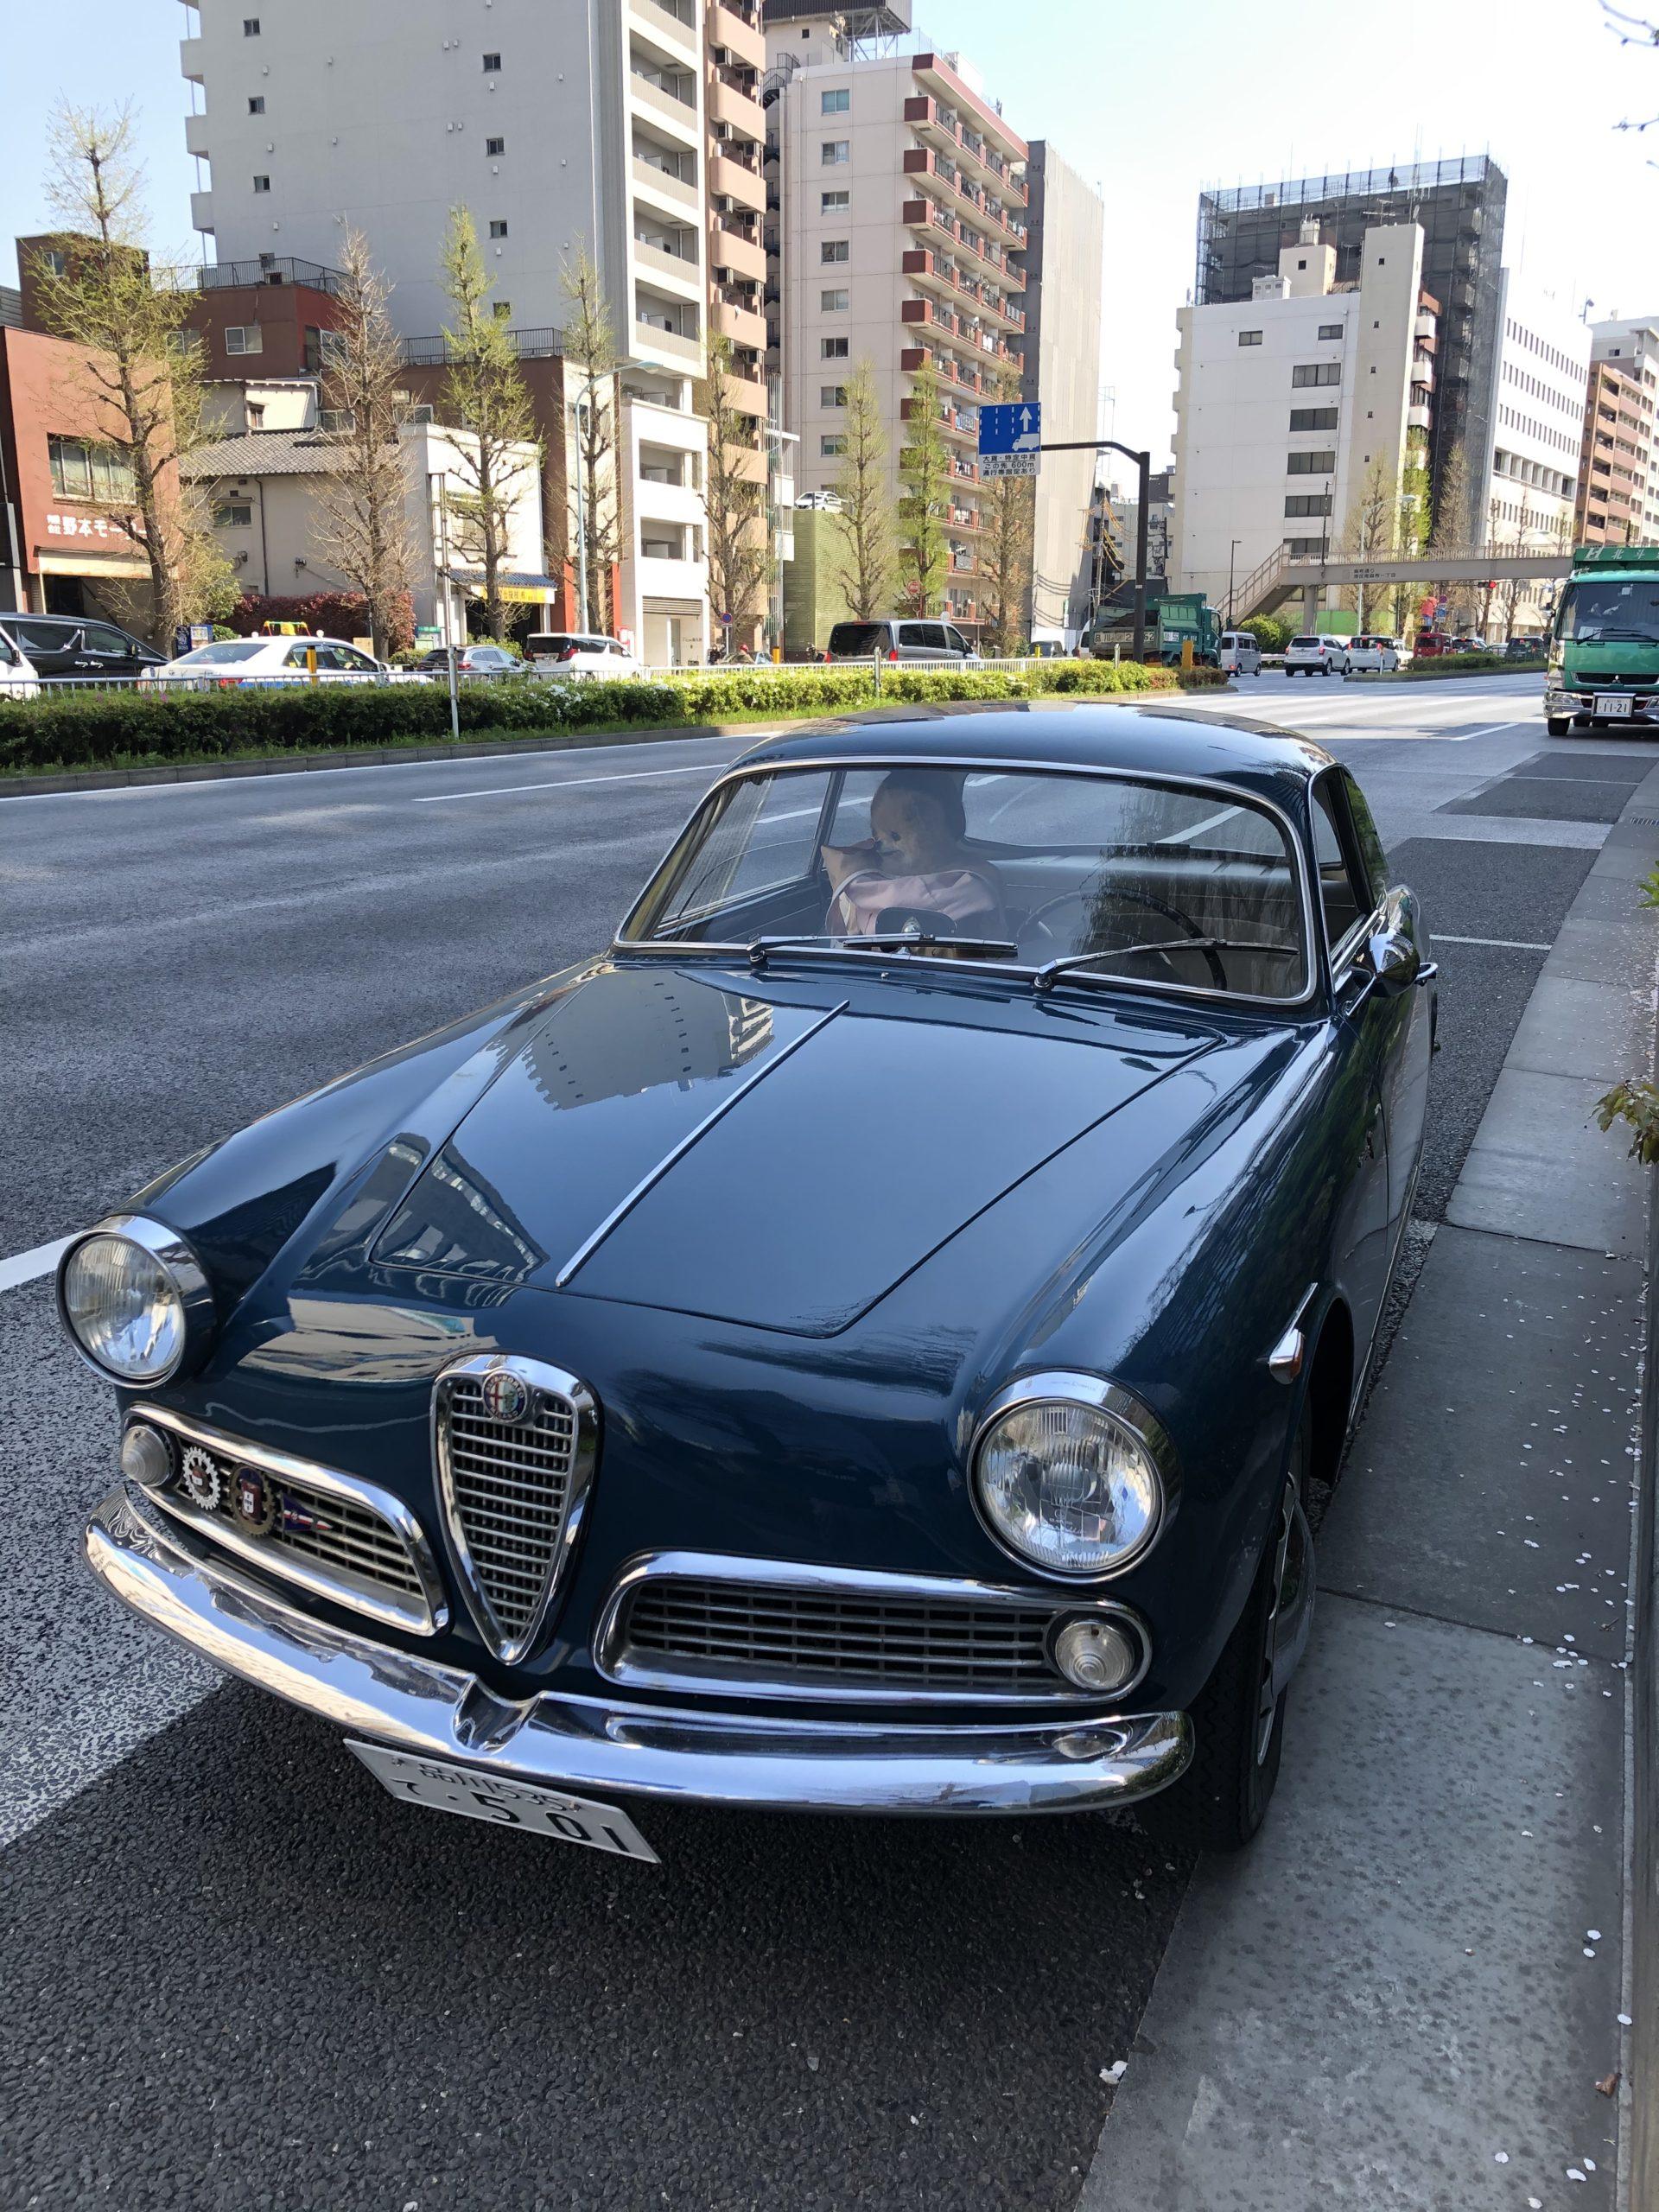 メンバー(愛車)紹介:アルファロメオ ジュリエッタ スプリント 101系 1961年モデル